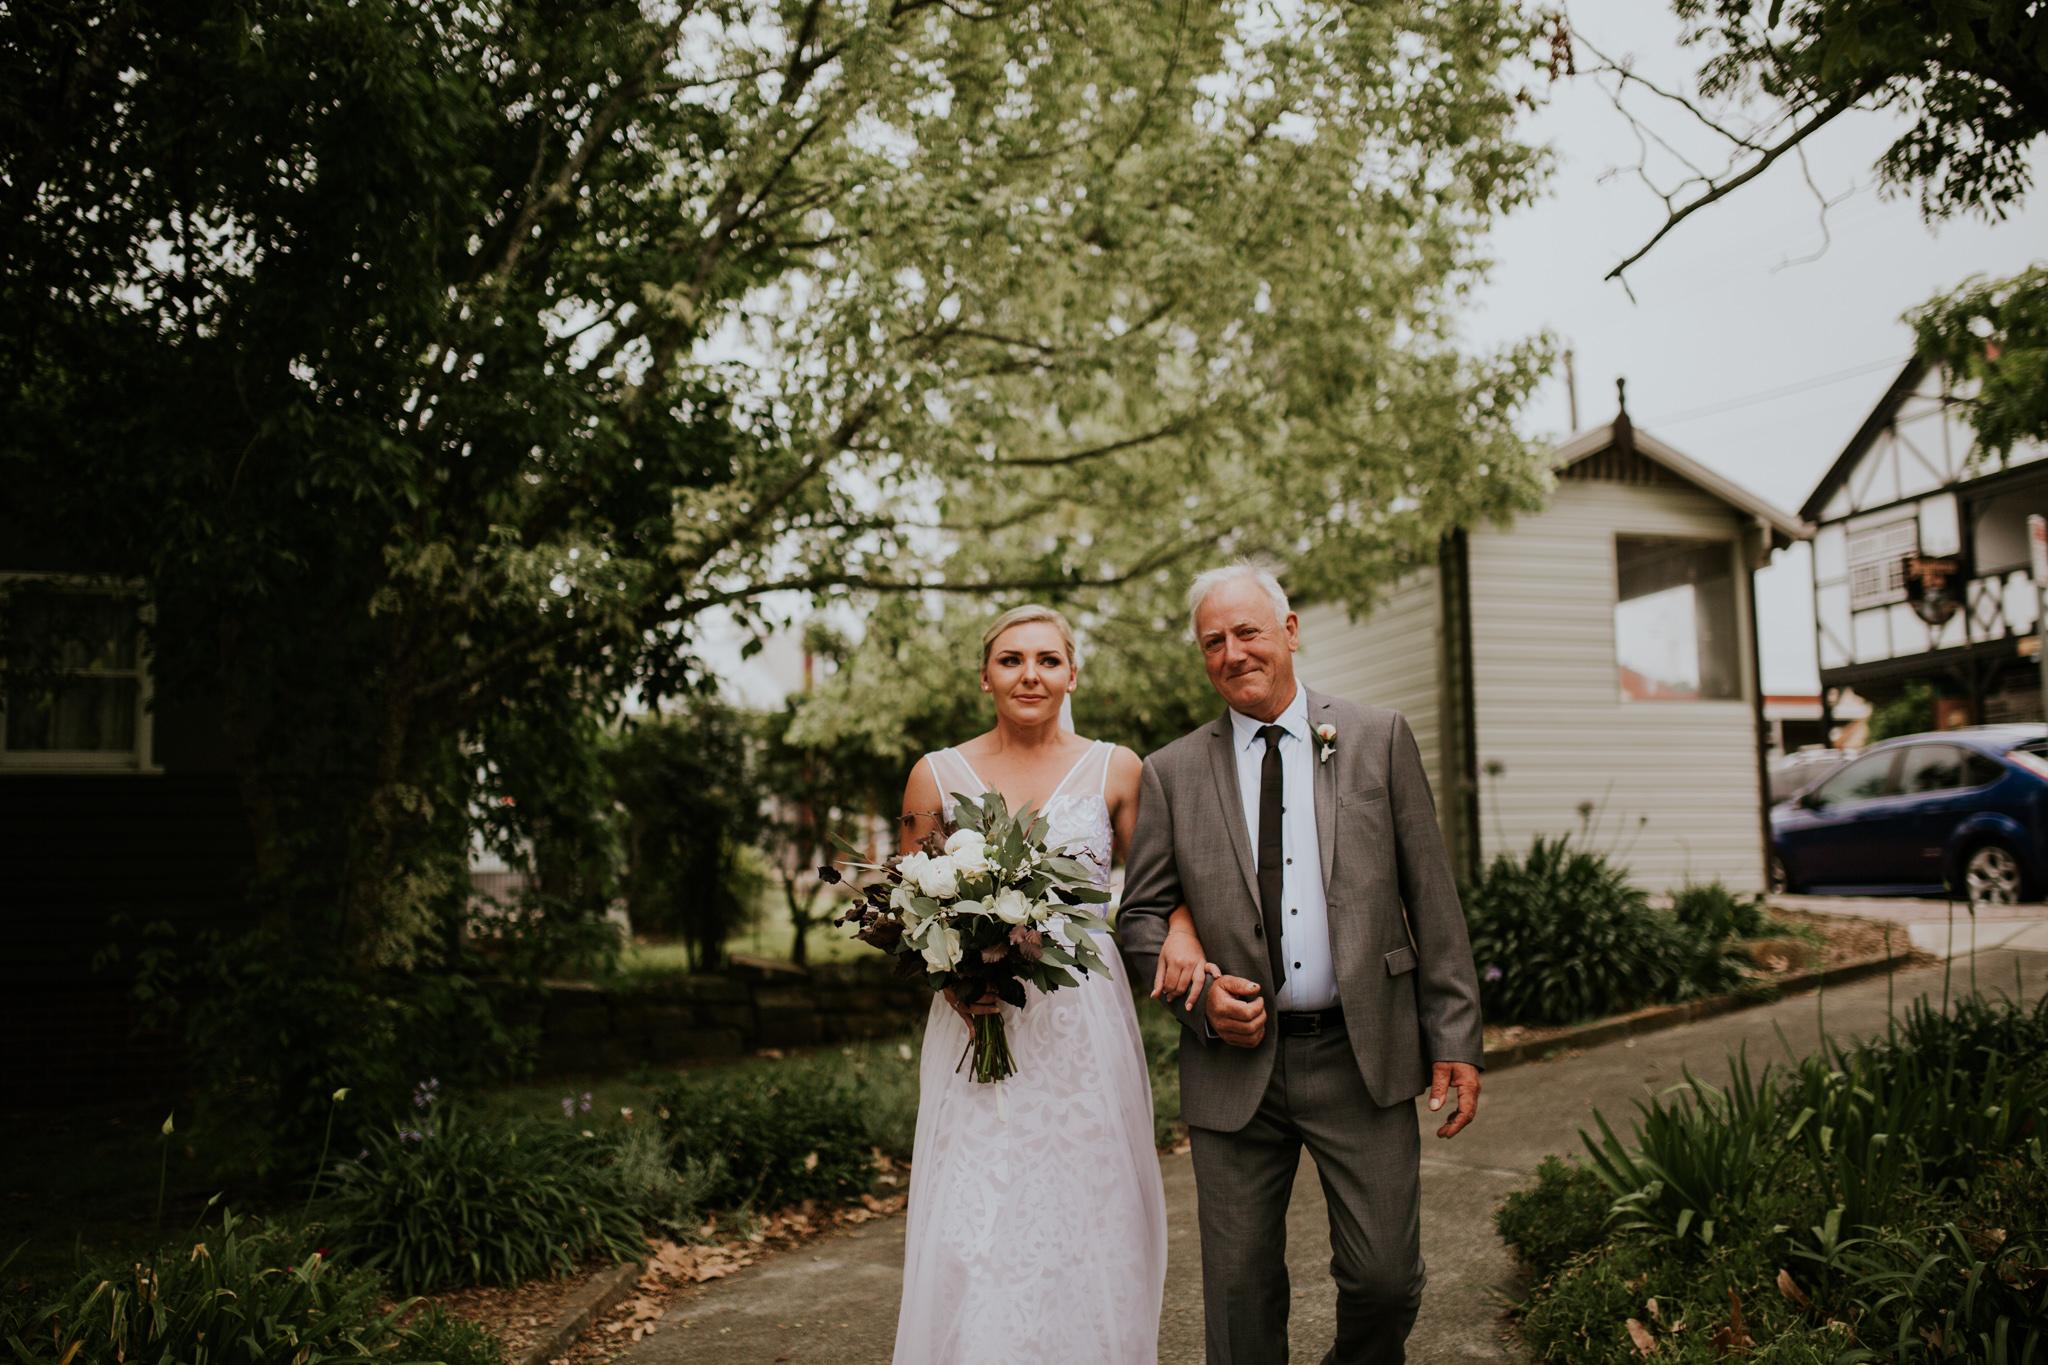 Lucy+Kyle+Kiama+Sebel+wedding-57.jpg